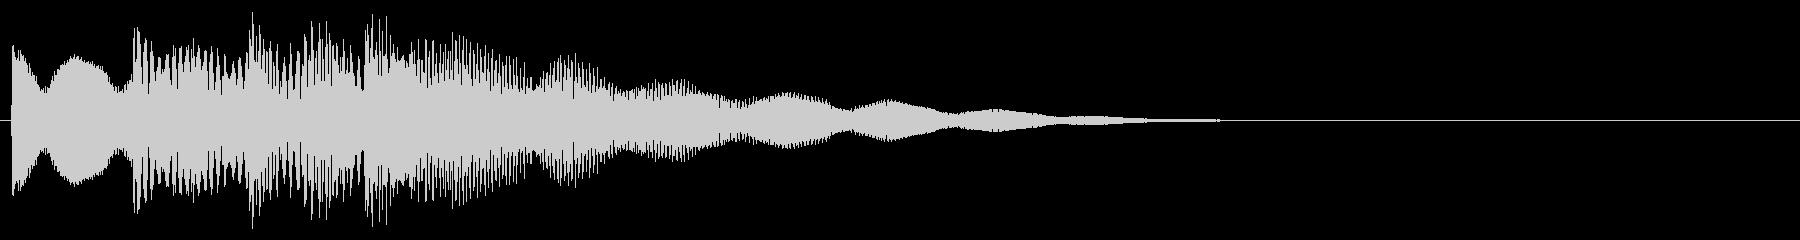 マレット系 決定音16(大)の未再生の波形